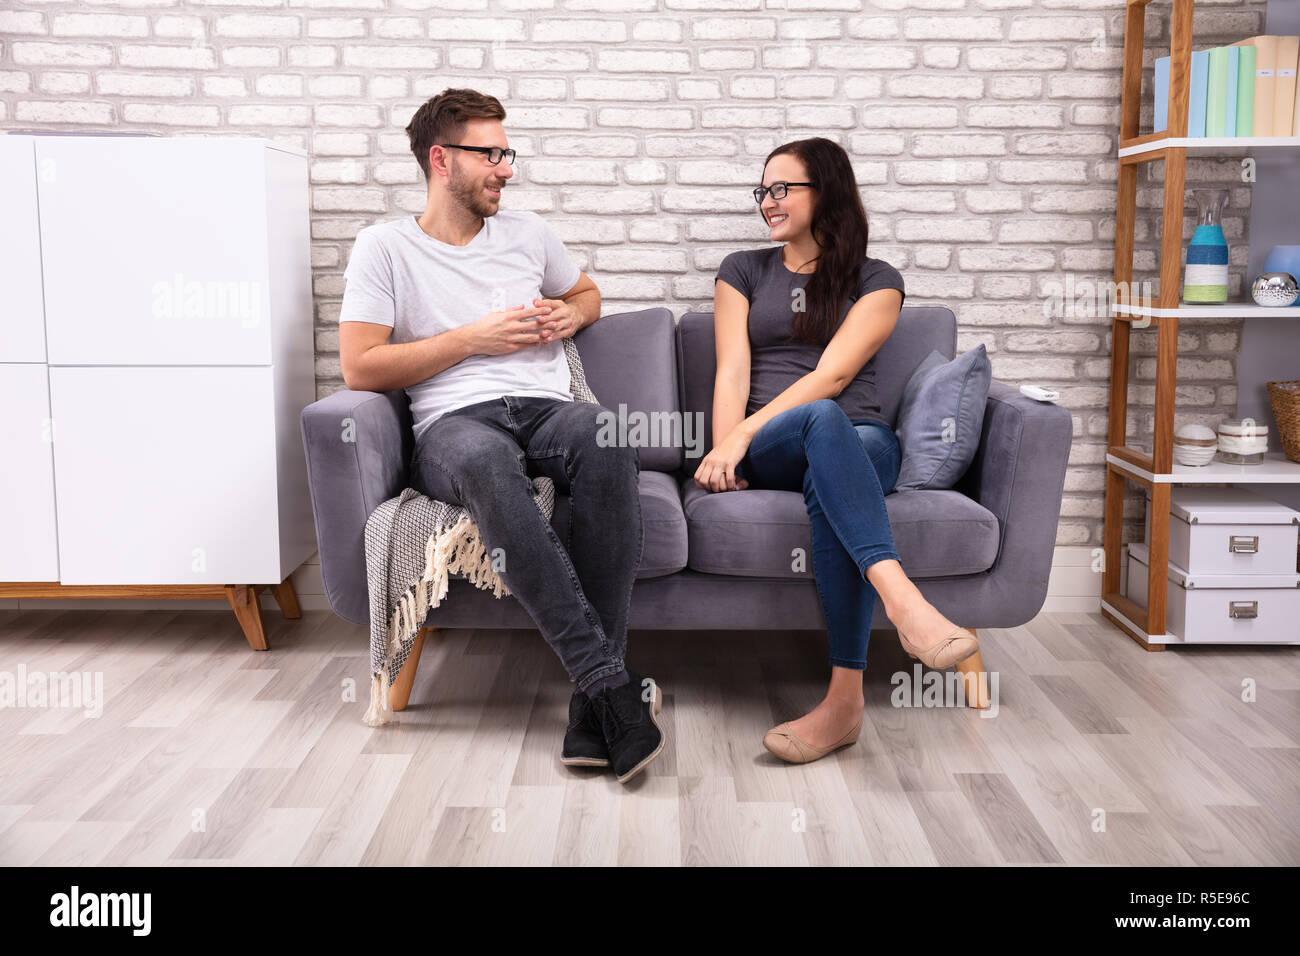 Junge Männer Und Eine Frau Sitzen Auf Einem Sofa An Einander Suchen